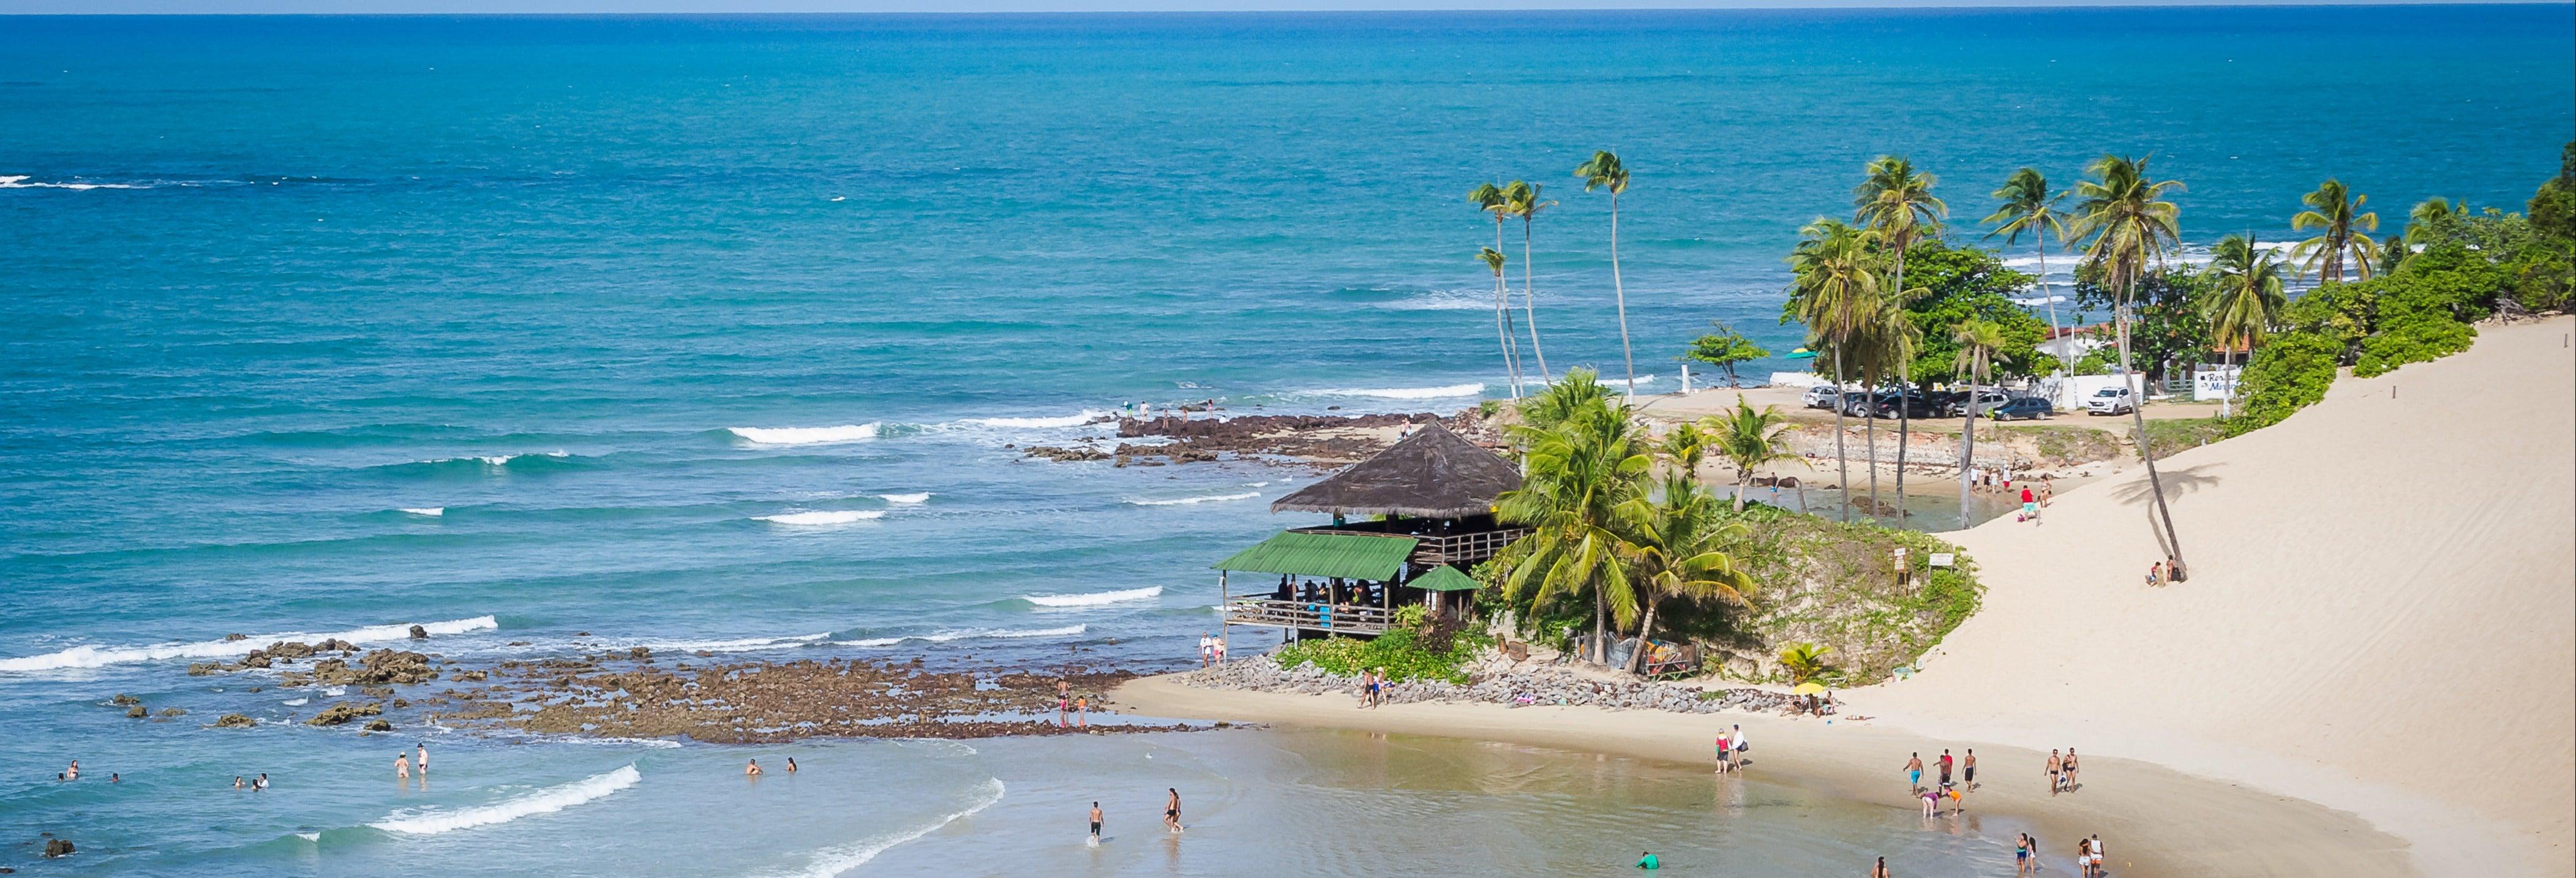 Snorkel en Maracajaú